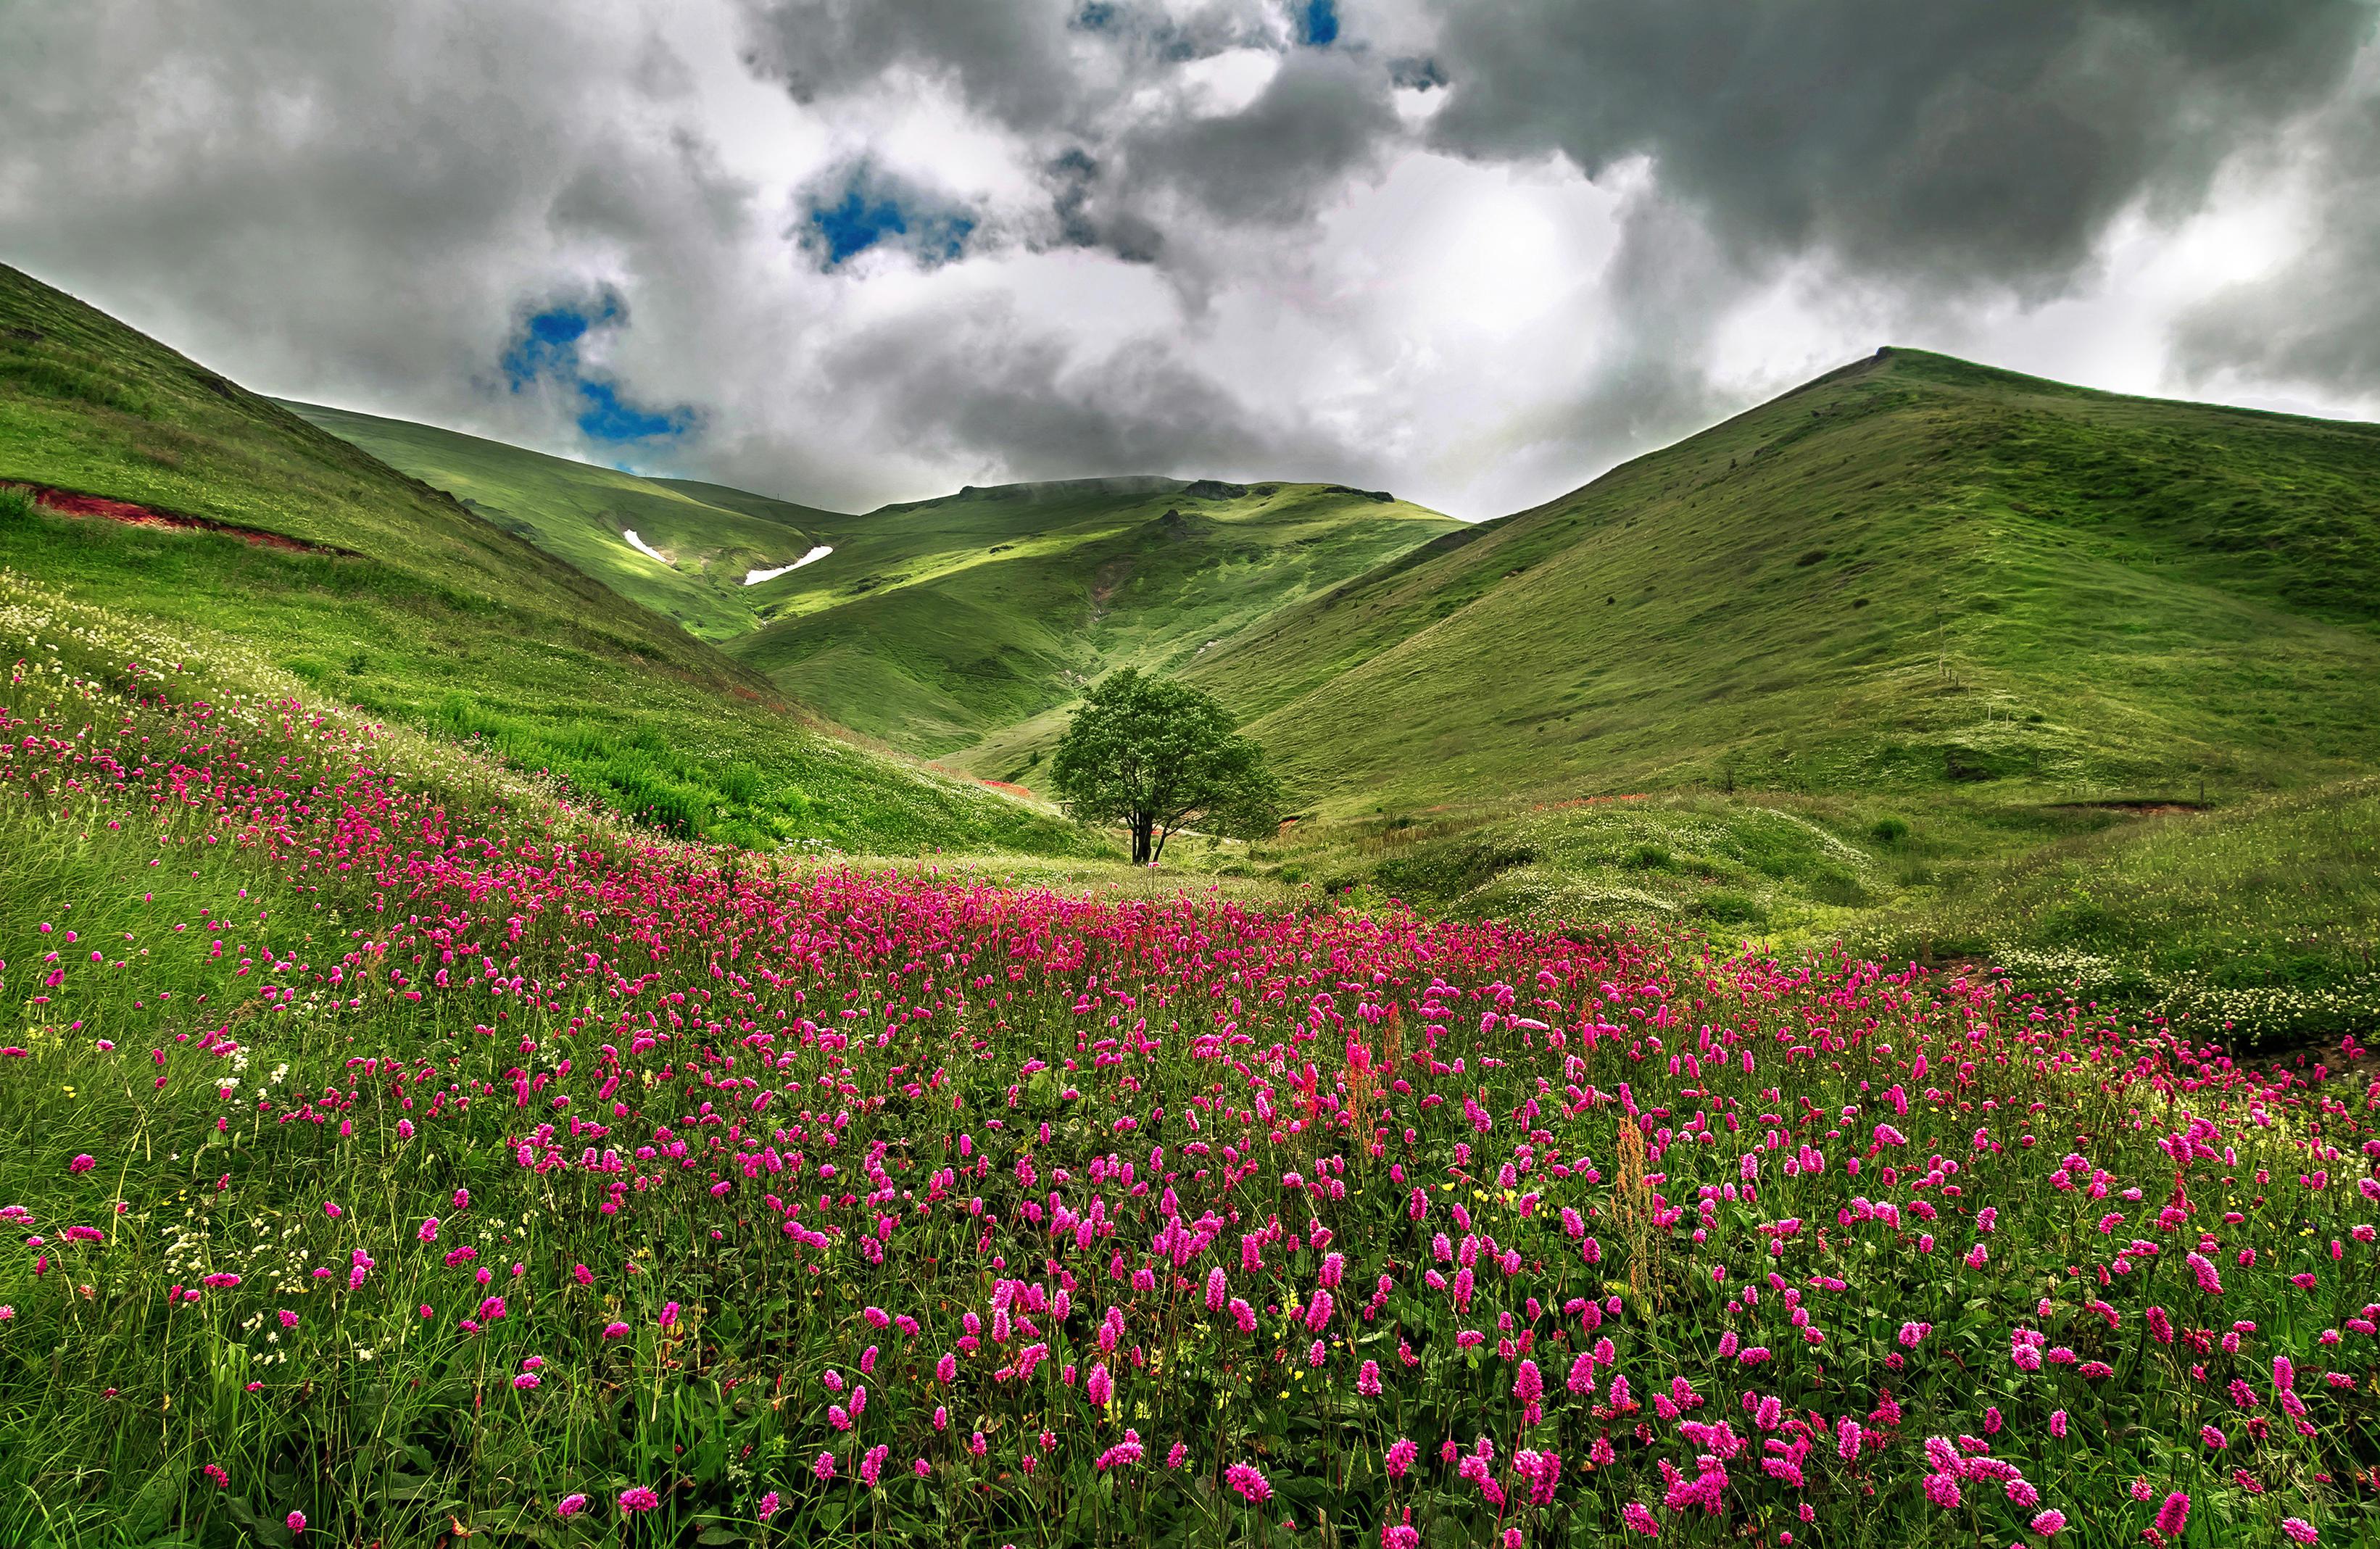 обои поле, горы, холмы, дерево картинки фото